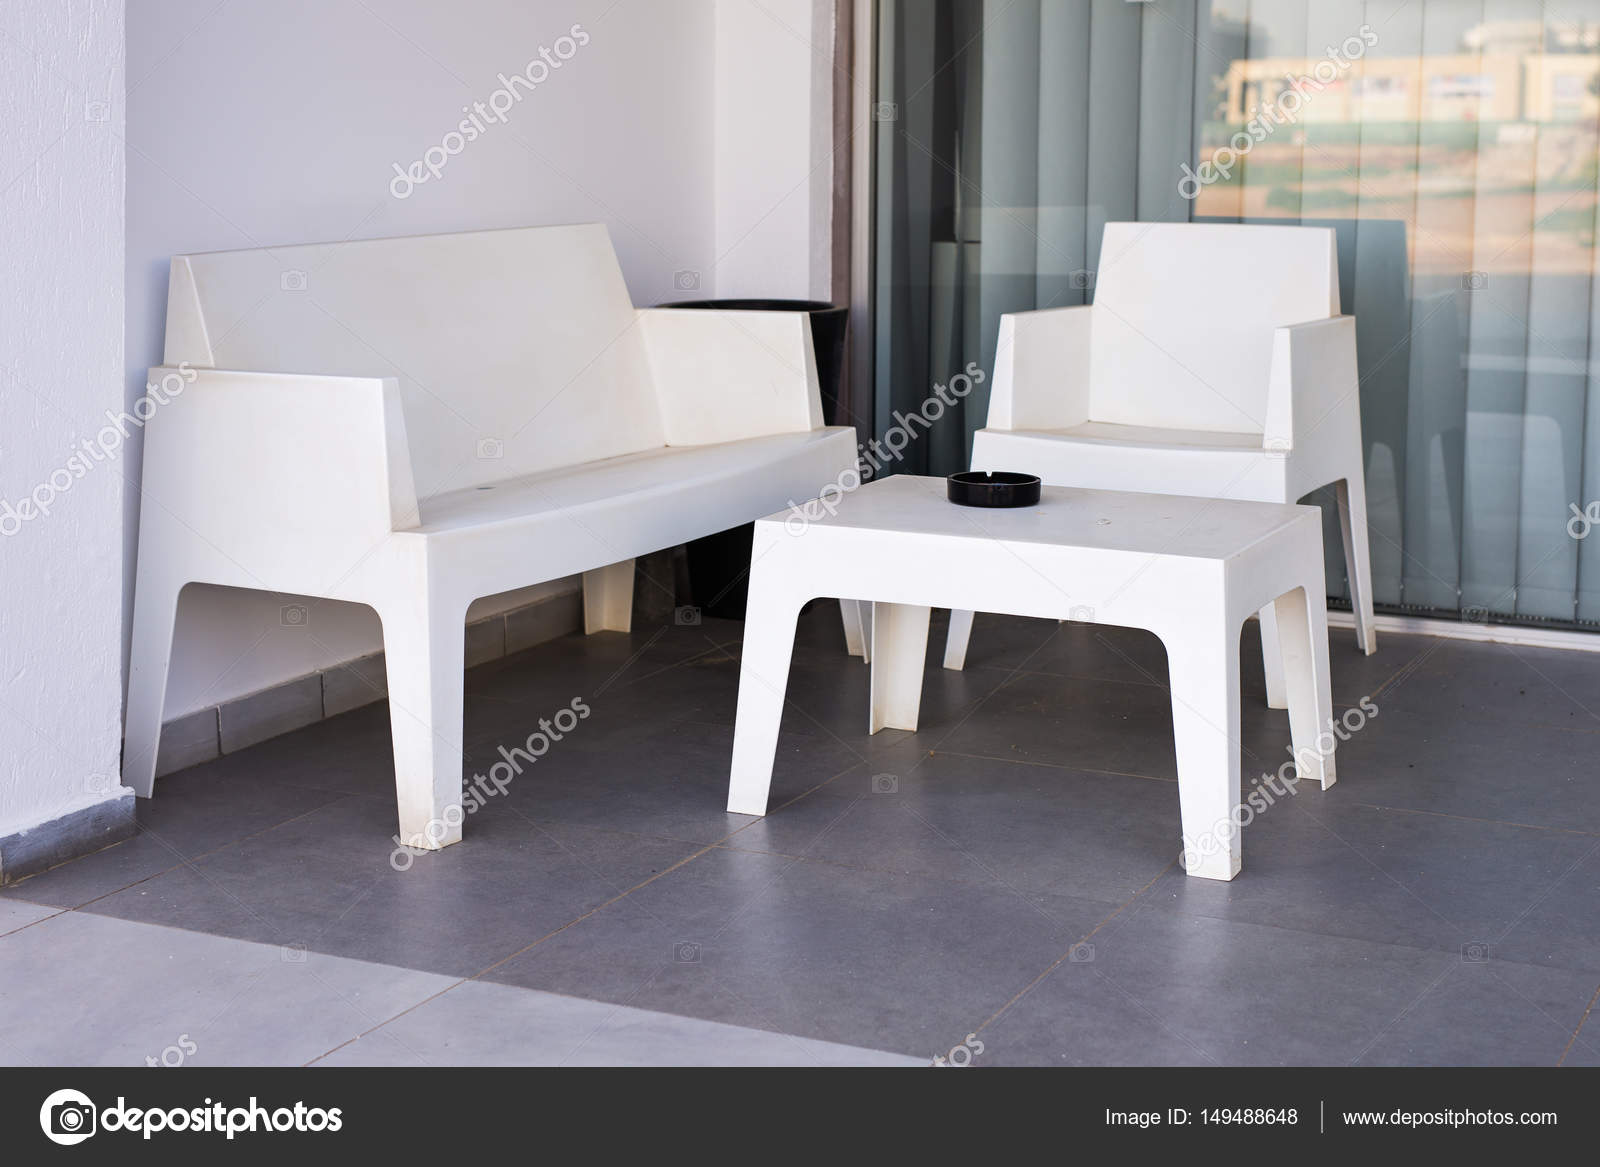 Sedie moderne bianche e tavolo all aperto u foto stock satura